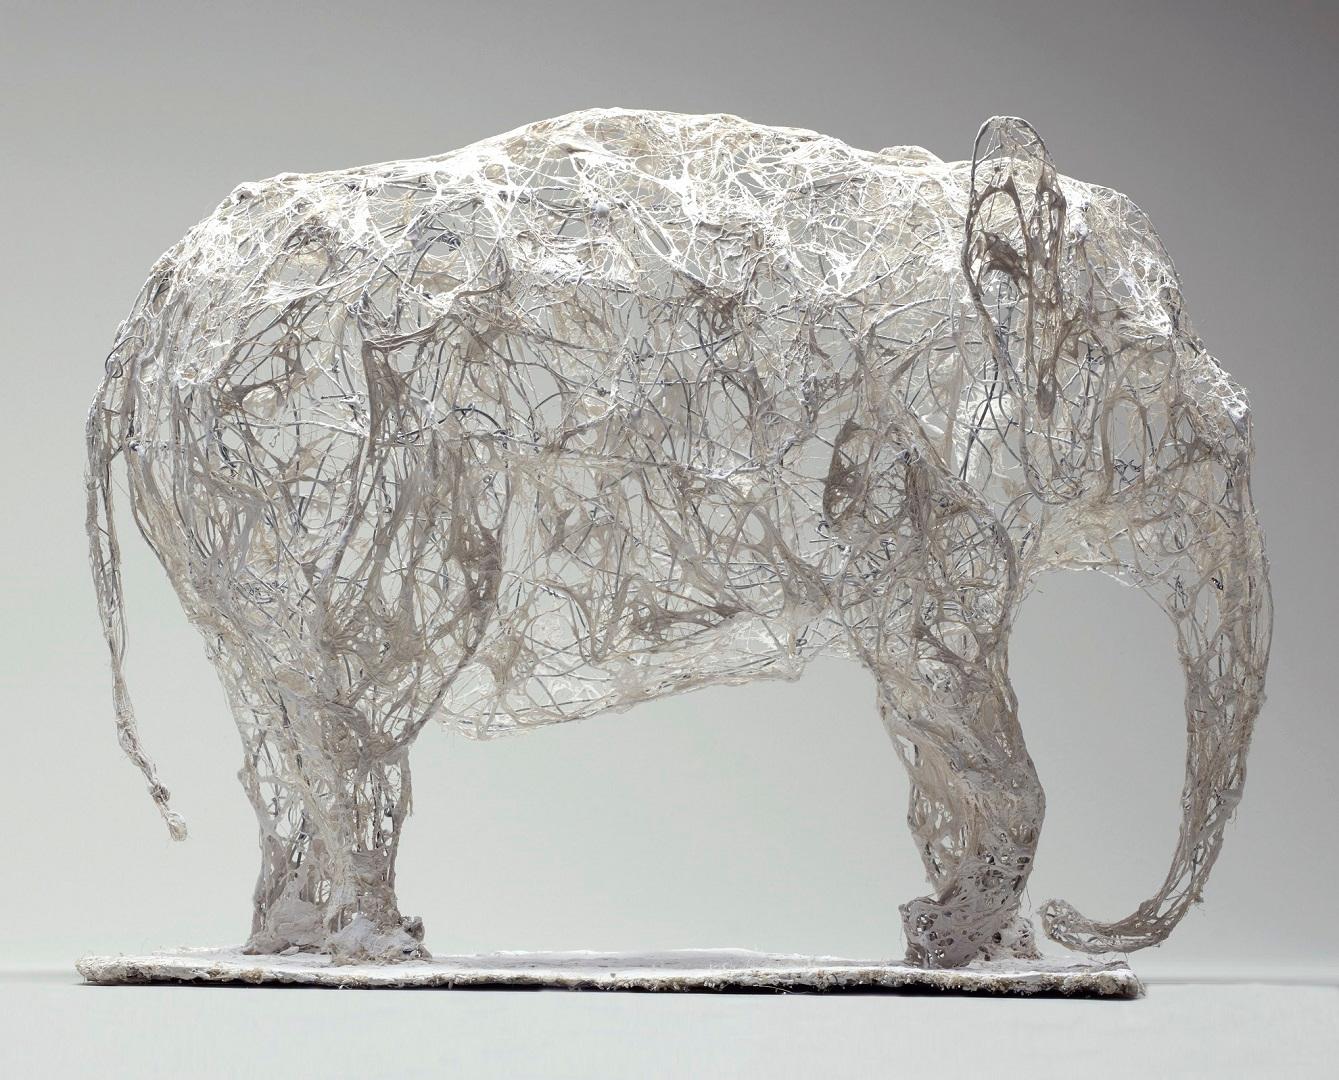 Eléphant, 52 x 22 x 43 cm, fil de fer, plâtre, filasse, 2014